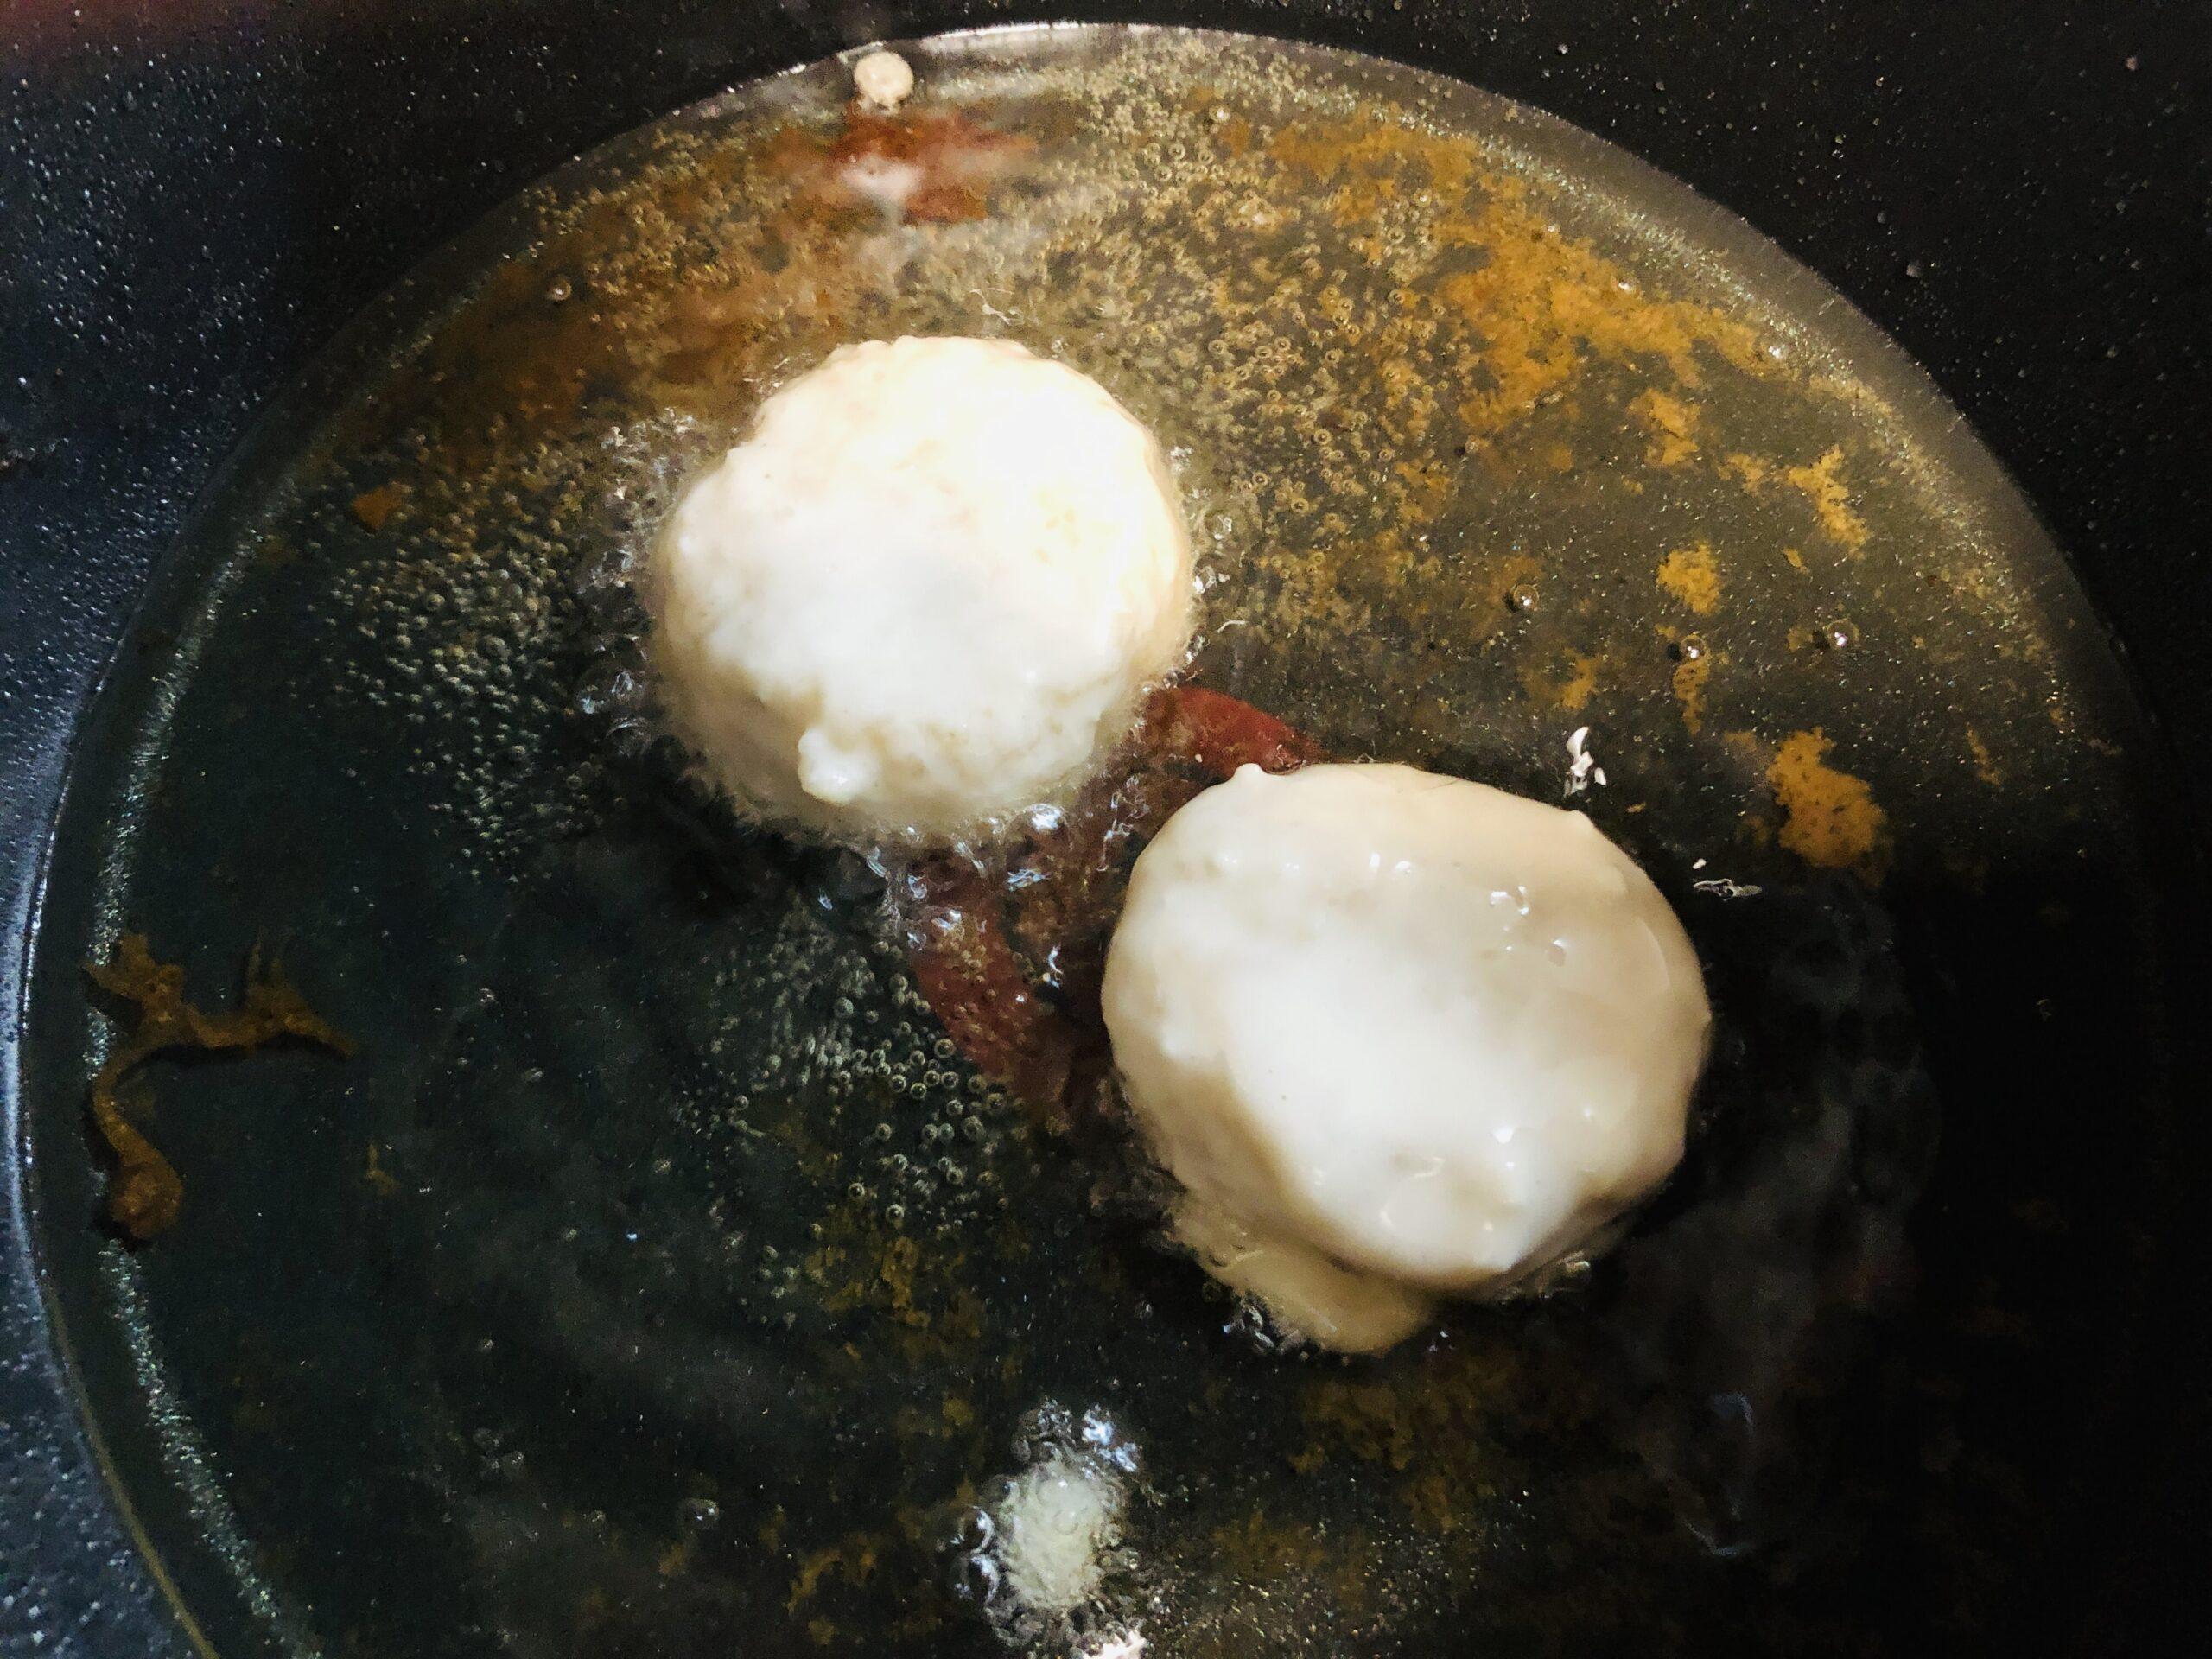 サラダ油で揚げ焼きにしている様子の画像です